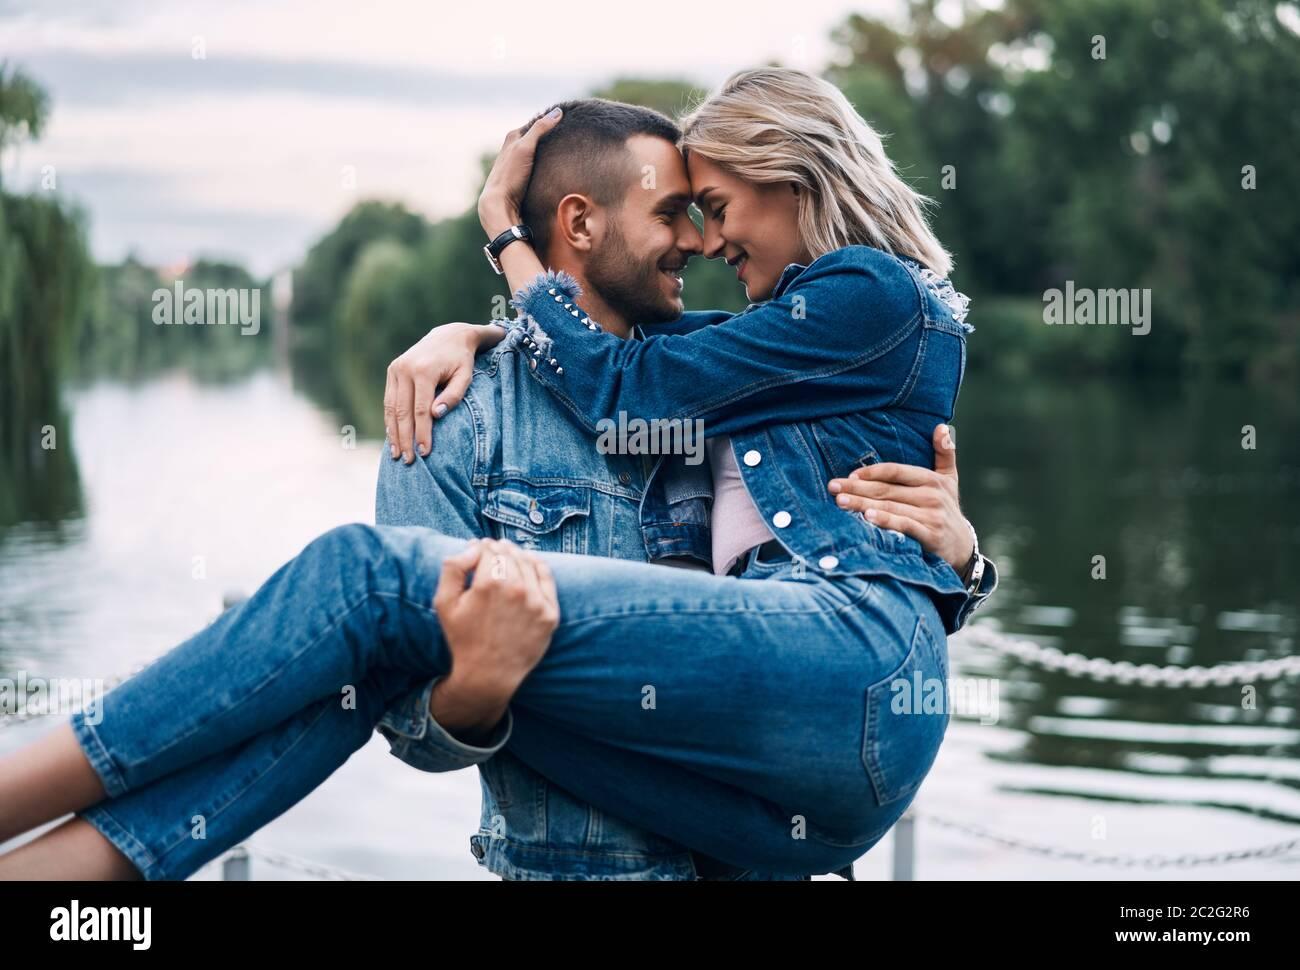 Coppie felici si godono l'un l'altro sulla natura. Uomo che tiene la donna sulle mani Foto Stock